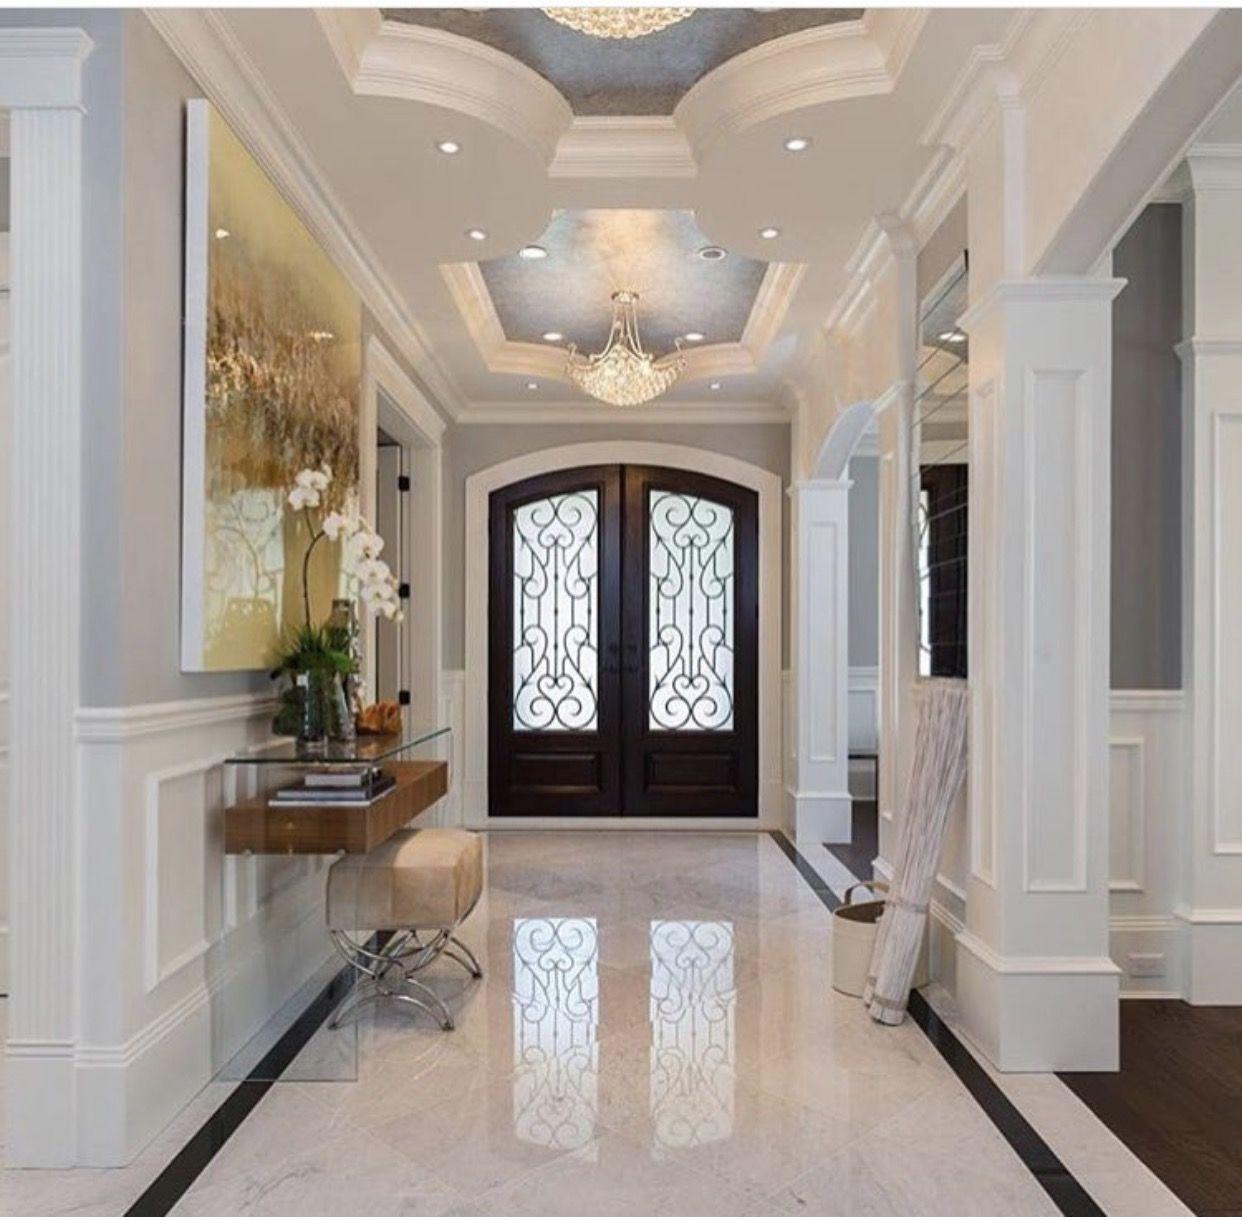 как выглядит холл в доме фото впрочем, проявили политкорректность